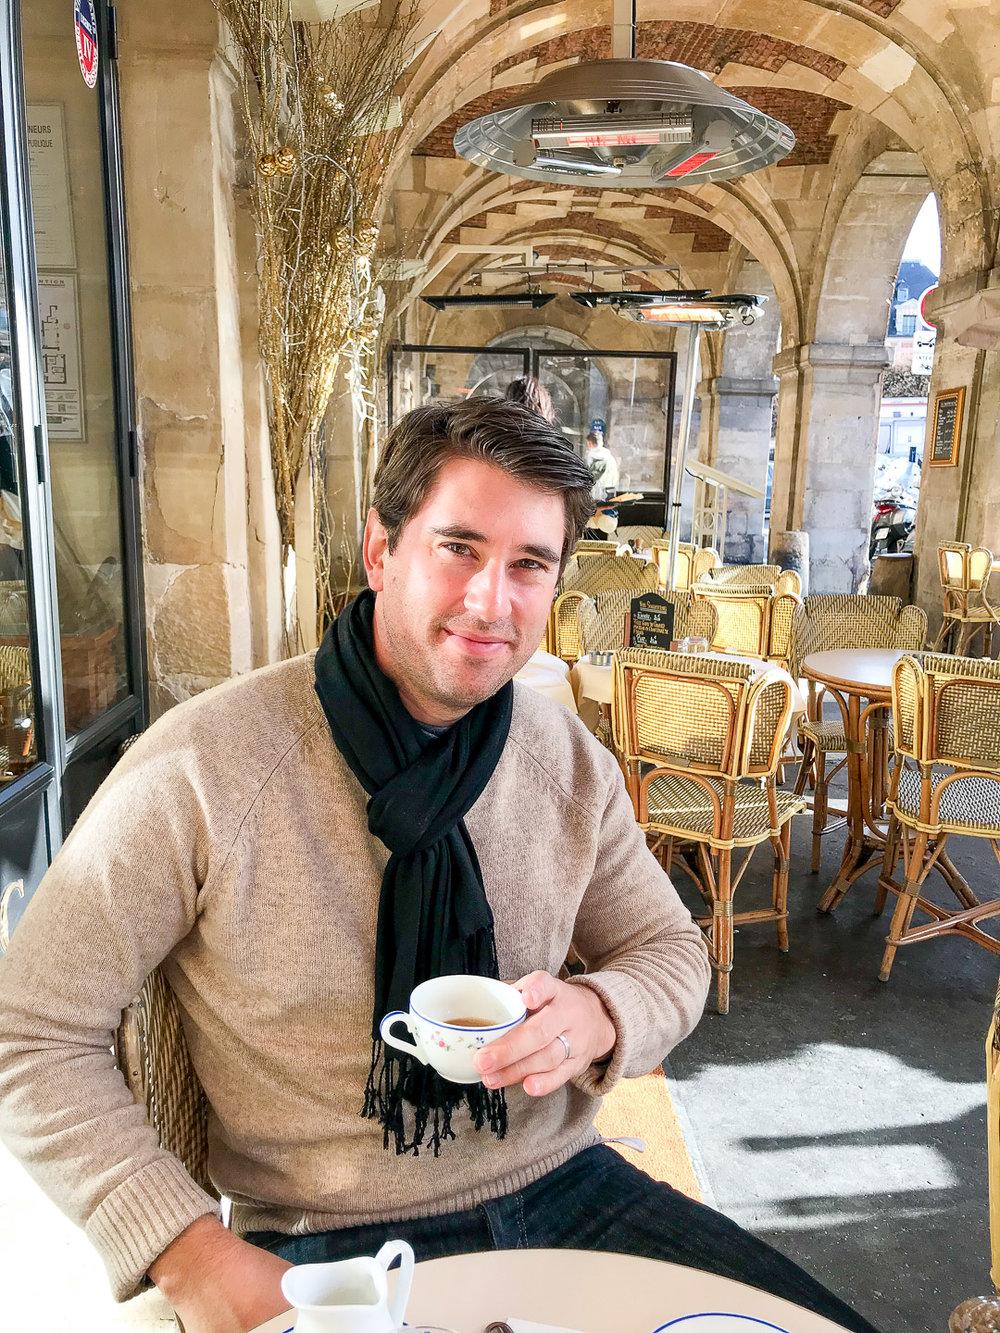 Tea time at Carette in Place des Vosges